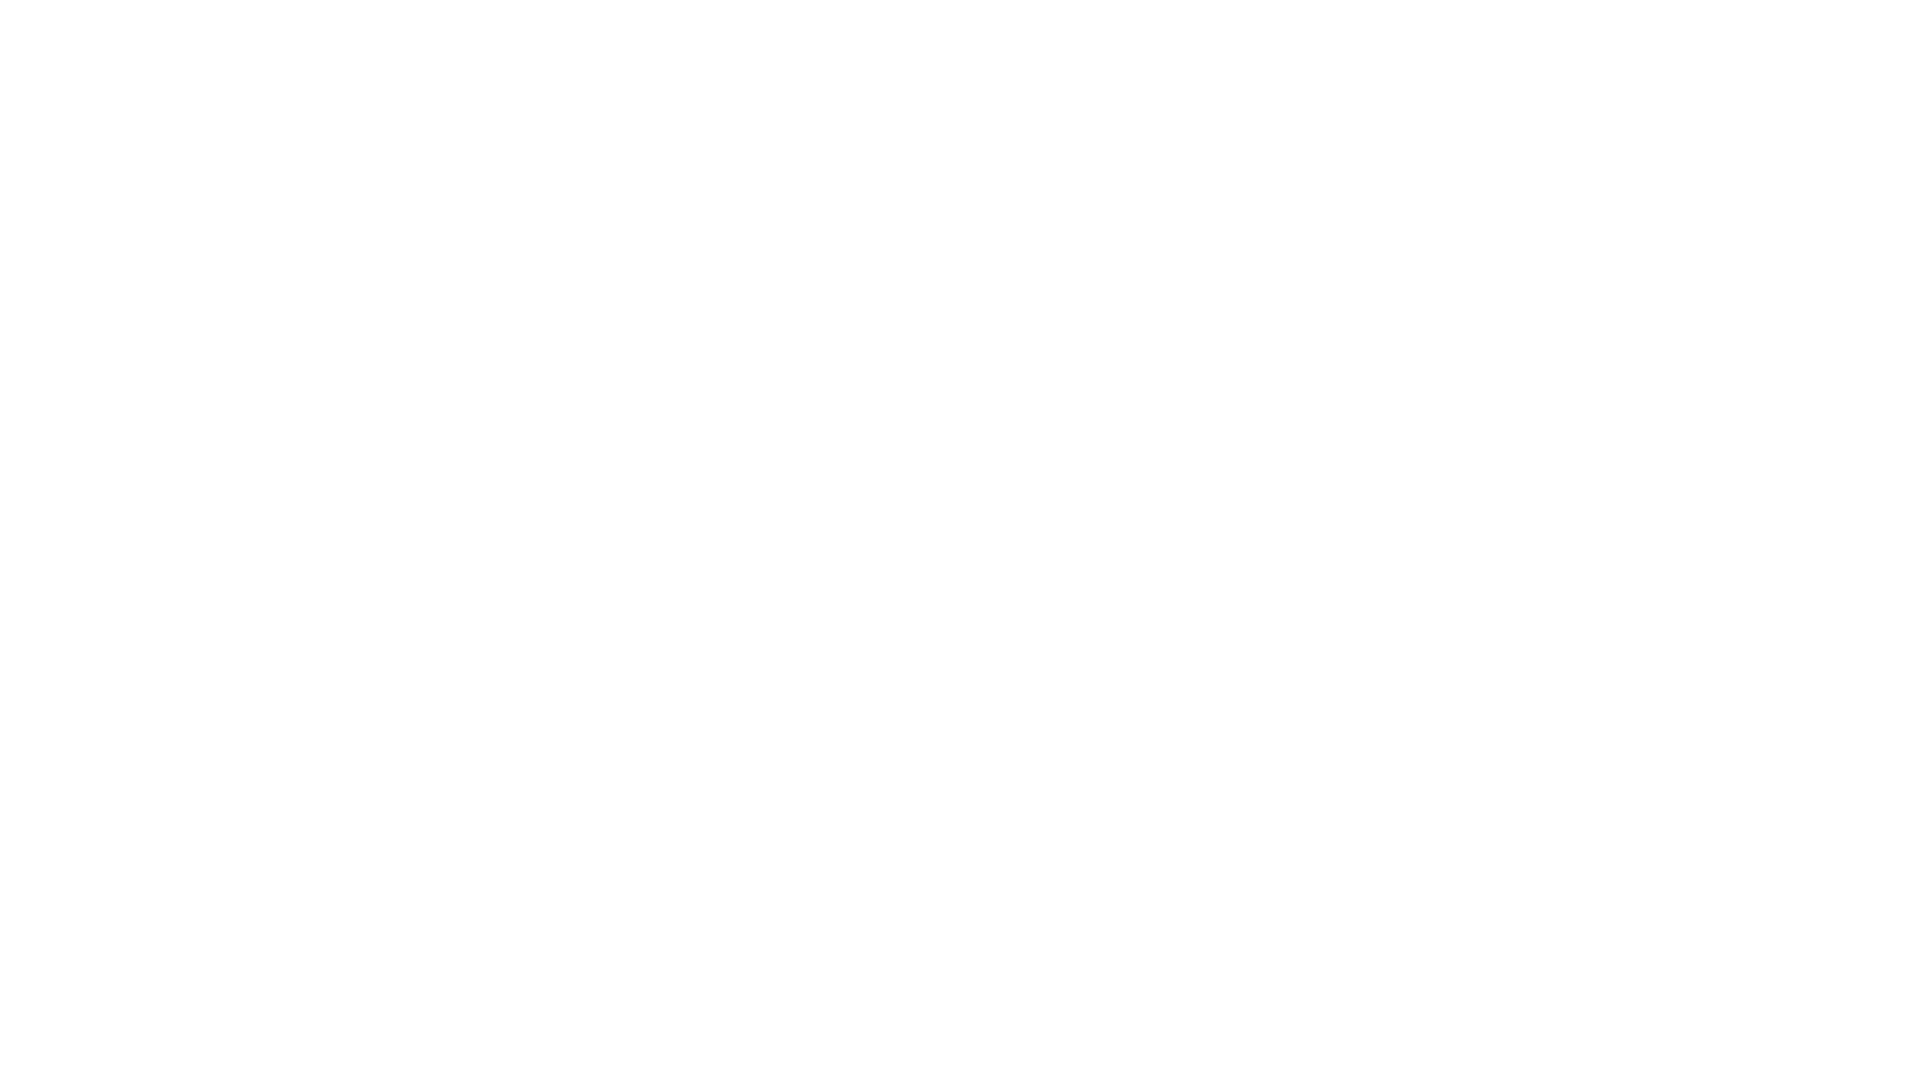 मेकअप पदच्युत पर्सनल केयर चेहरा सफाई कॉस्मेटिक अंडाकार कपास ऊन पैड